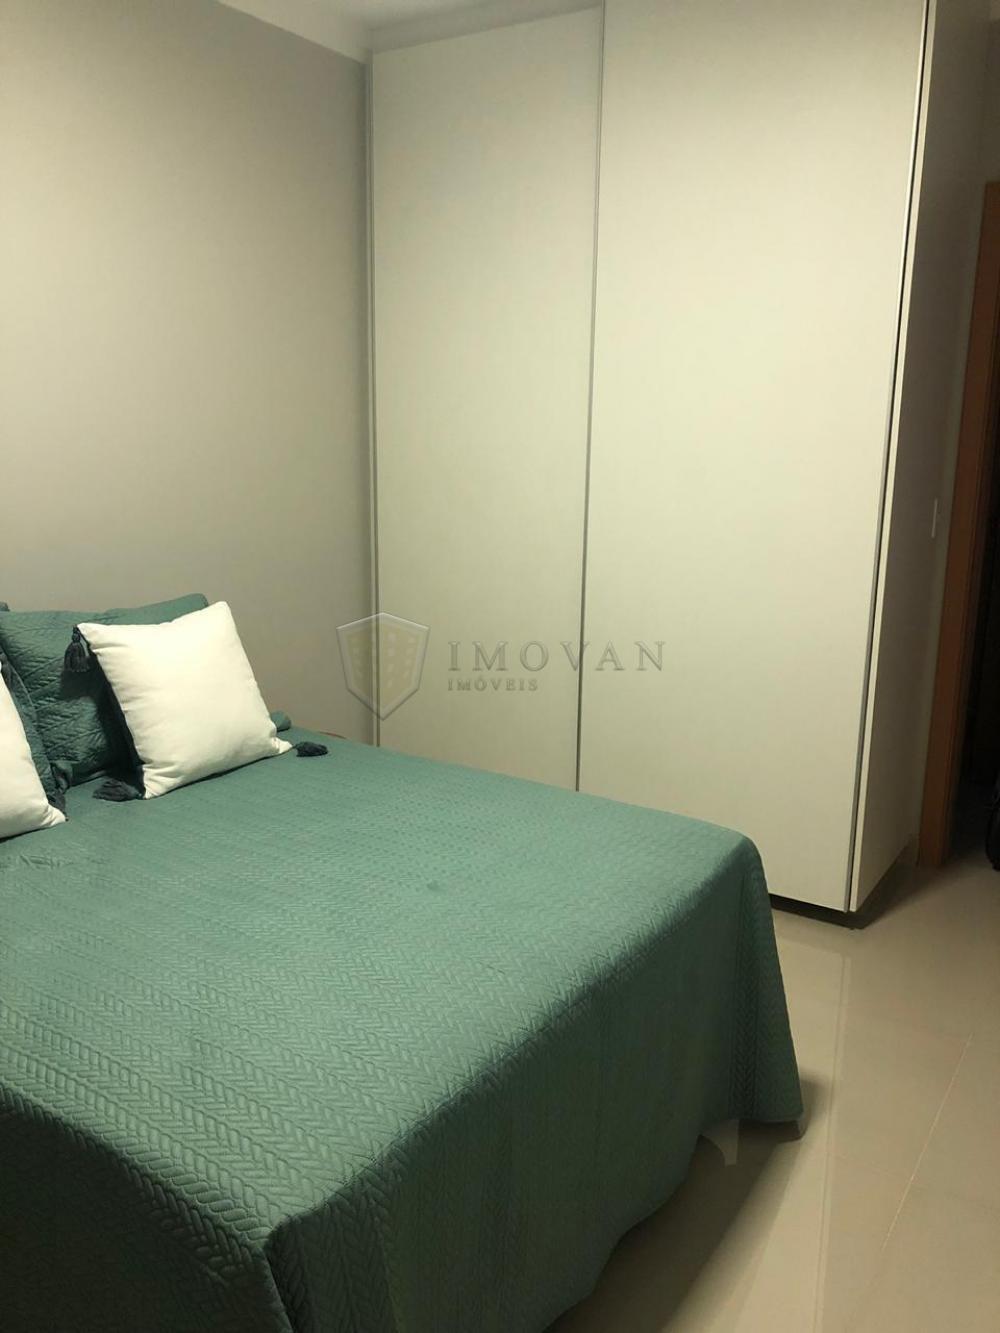 Comprar Apartamento / Padrão em Ribeirão Preto apenas R$ 695.000,00 - Foto 9